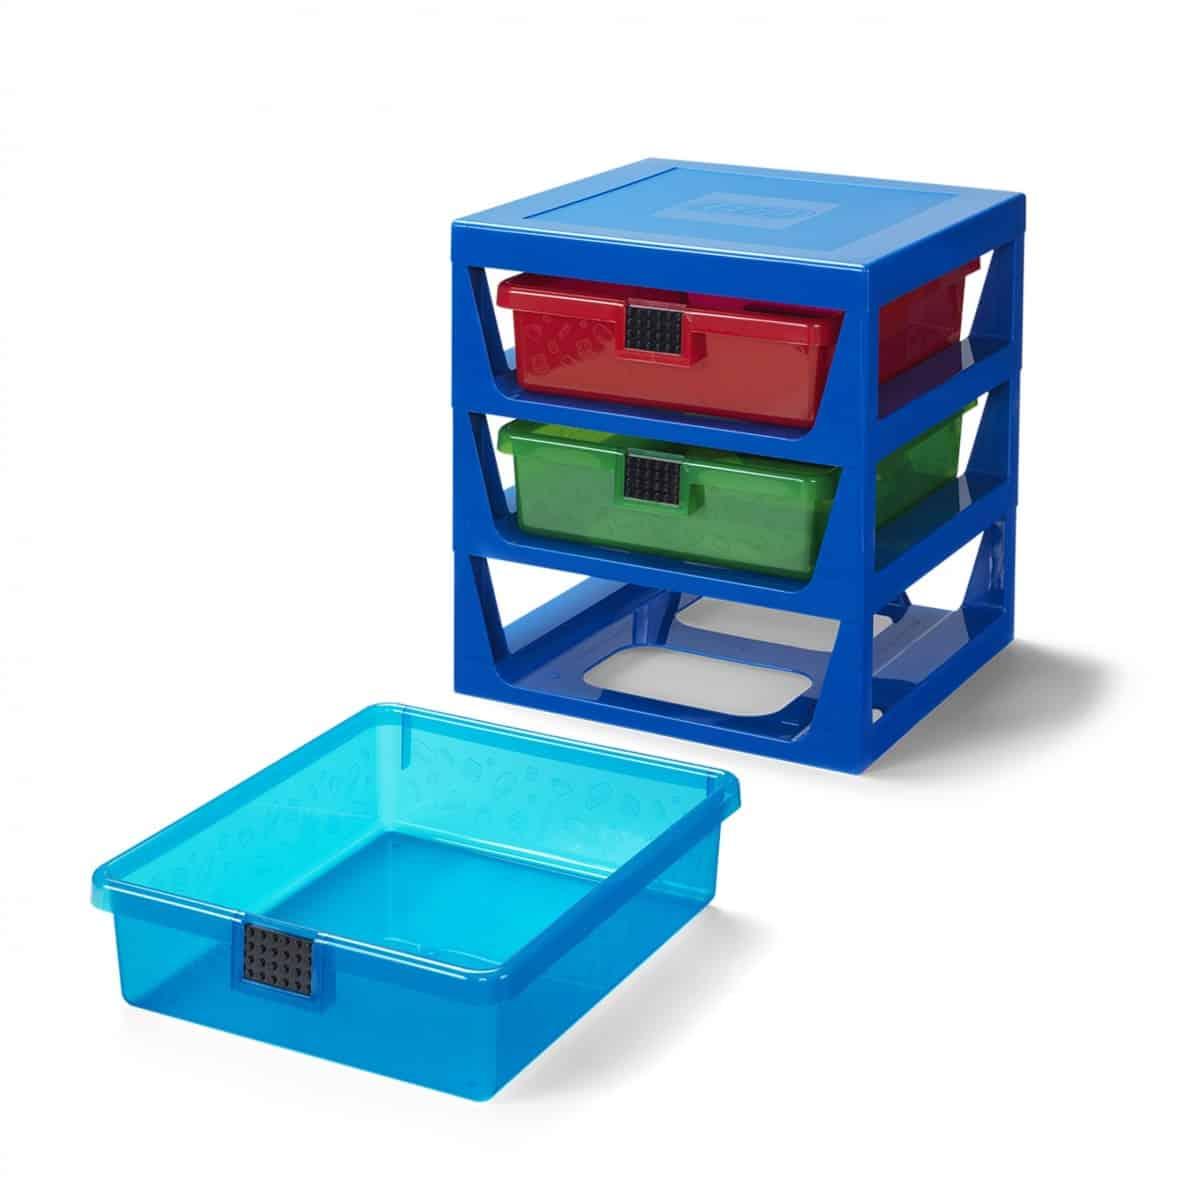 sistema di scaffali blu trasparente lego 5006179 scaled